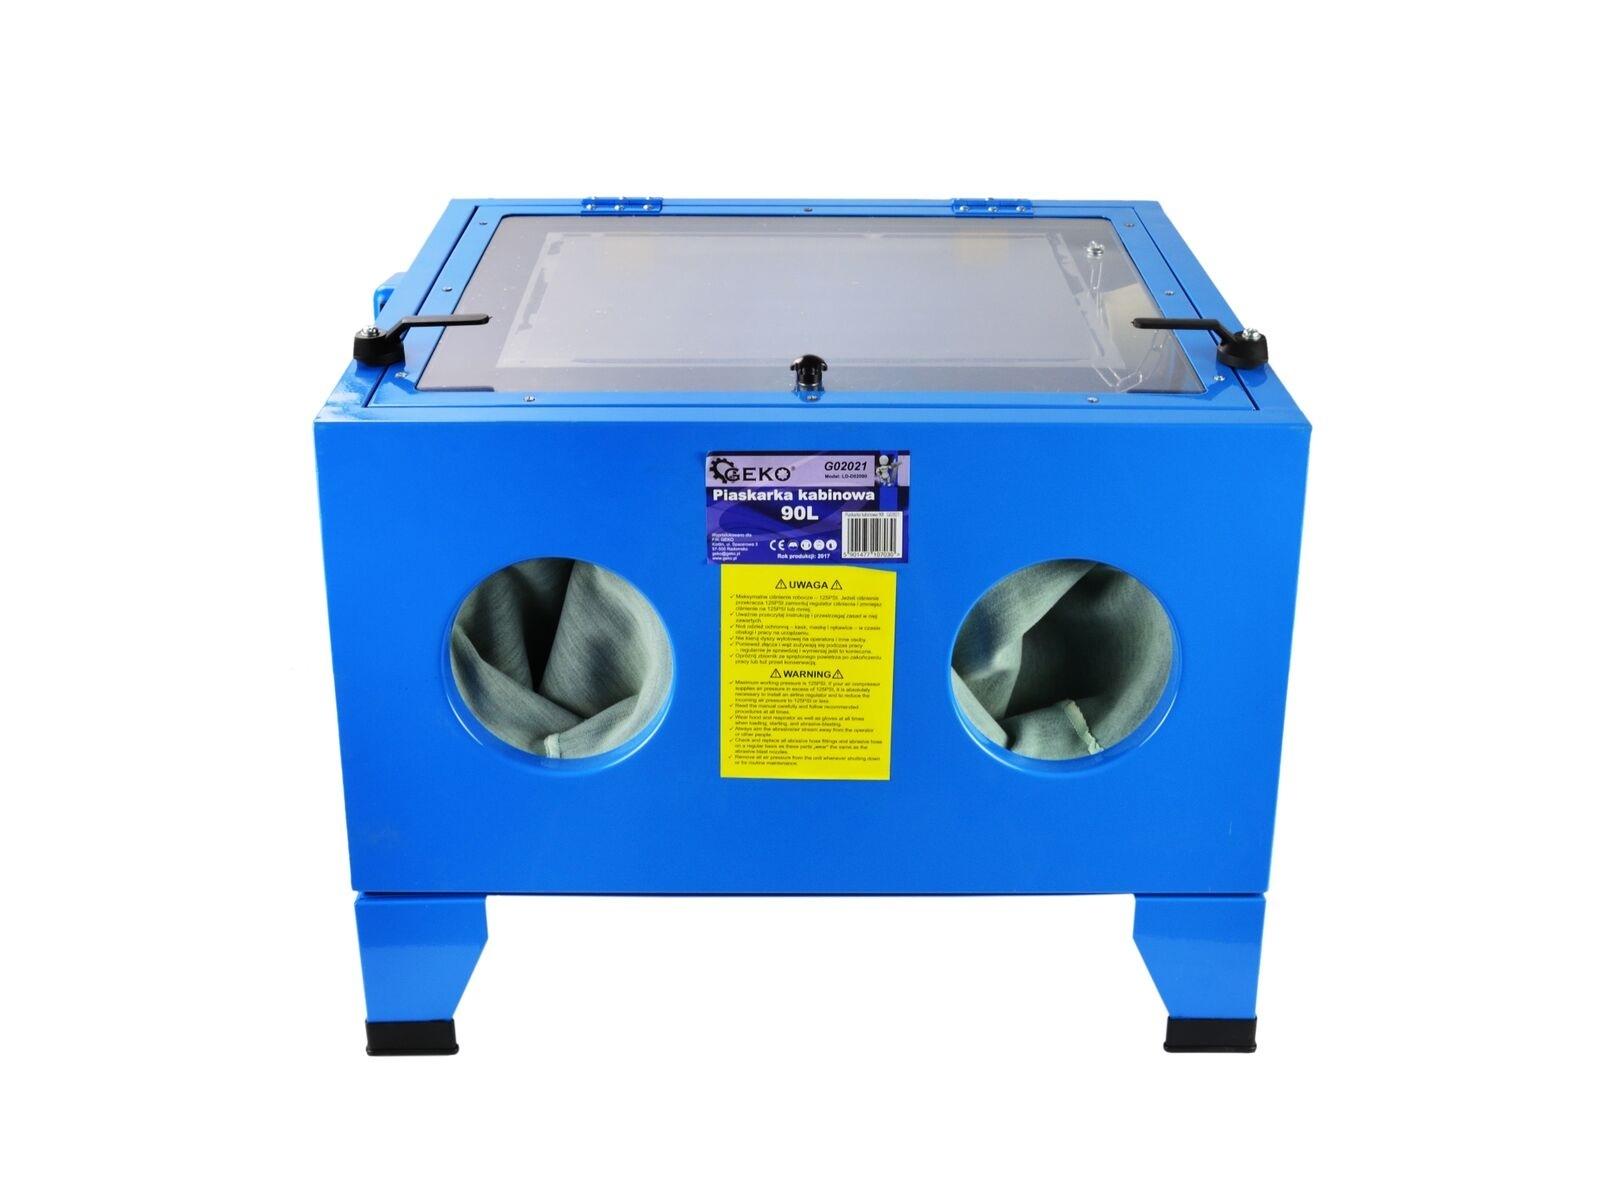 Pískovací box, pískovačka, objem 90 litrů, s příslušenstvím